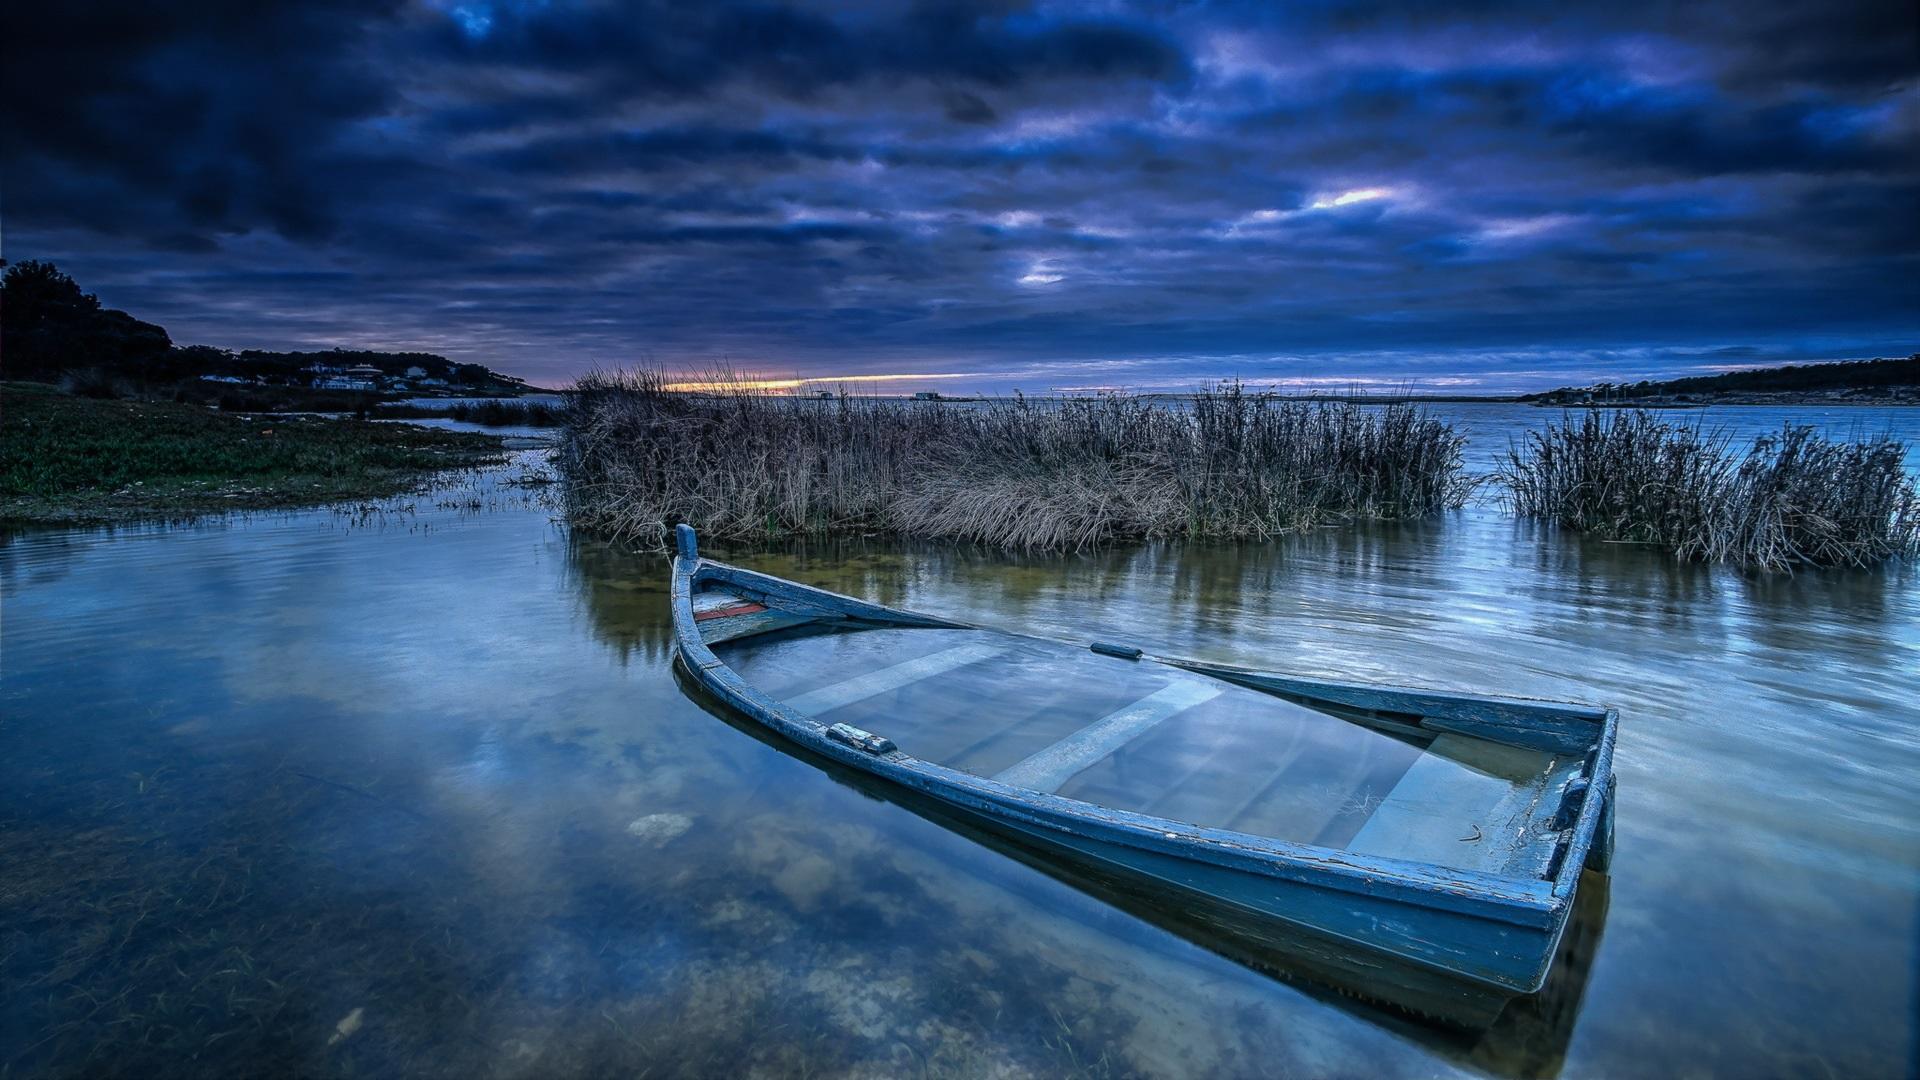 декупаж картинки на рабочий стол река лодка под длинной юбкой